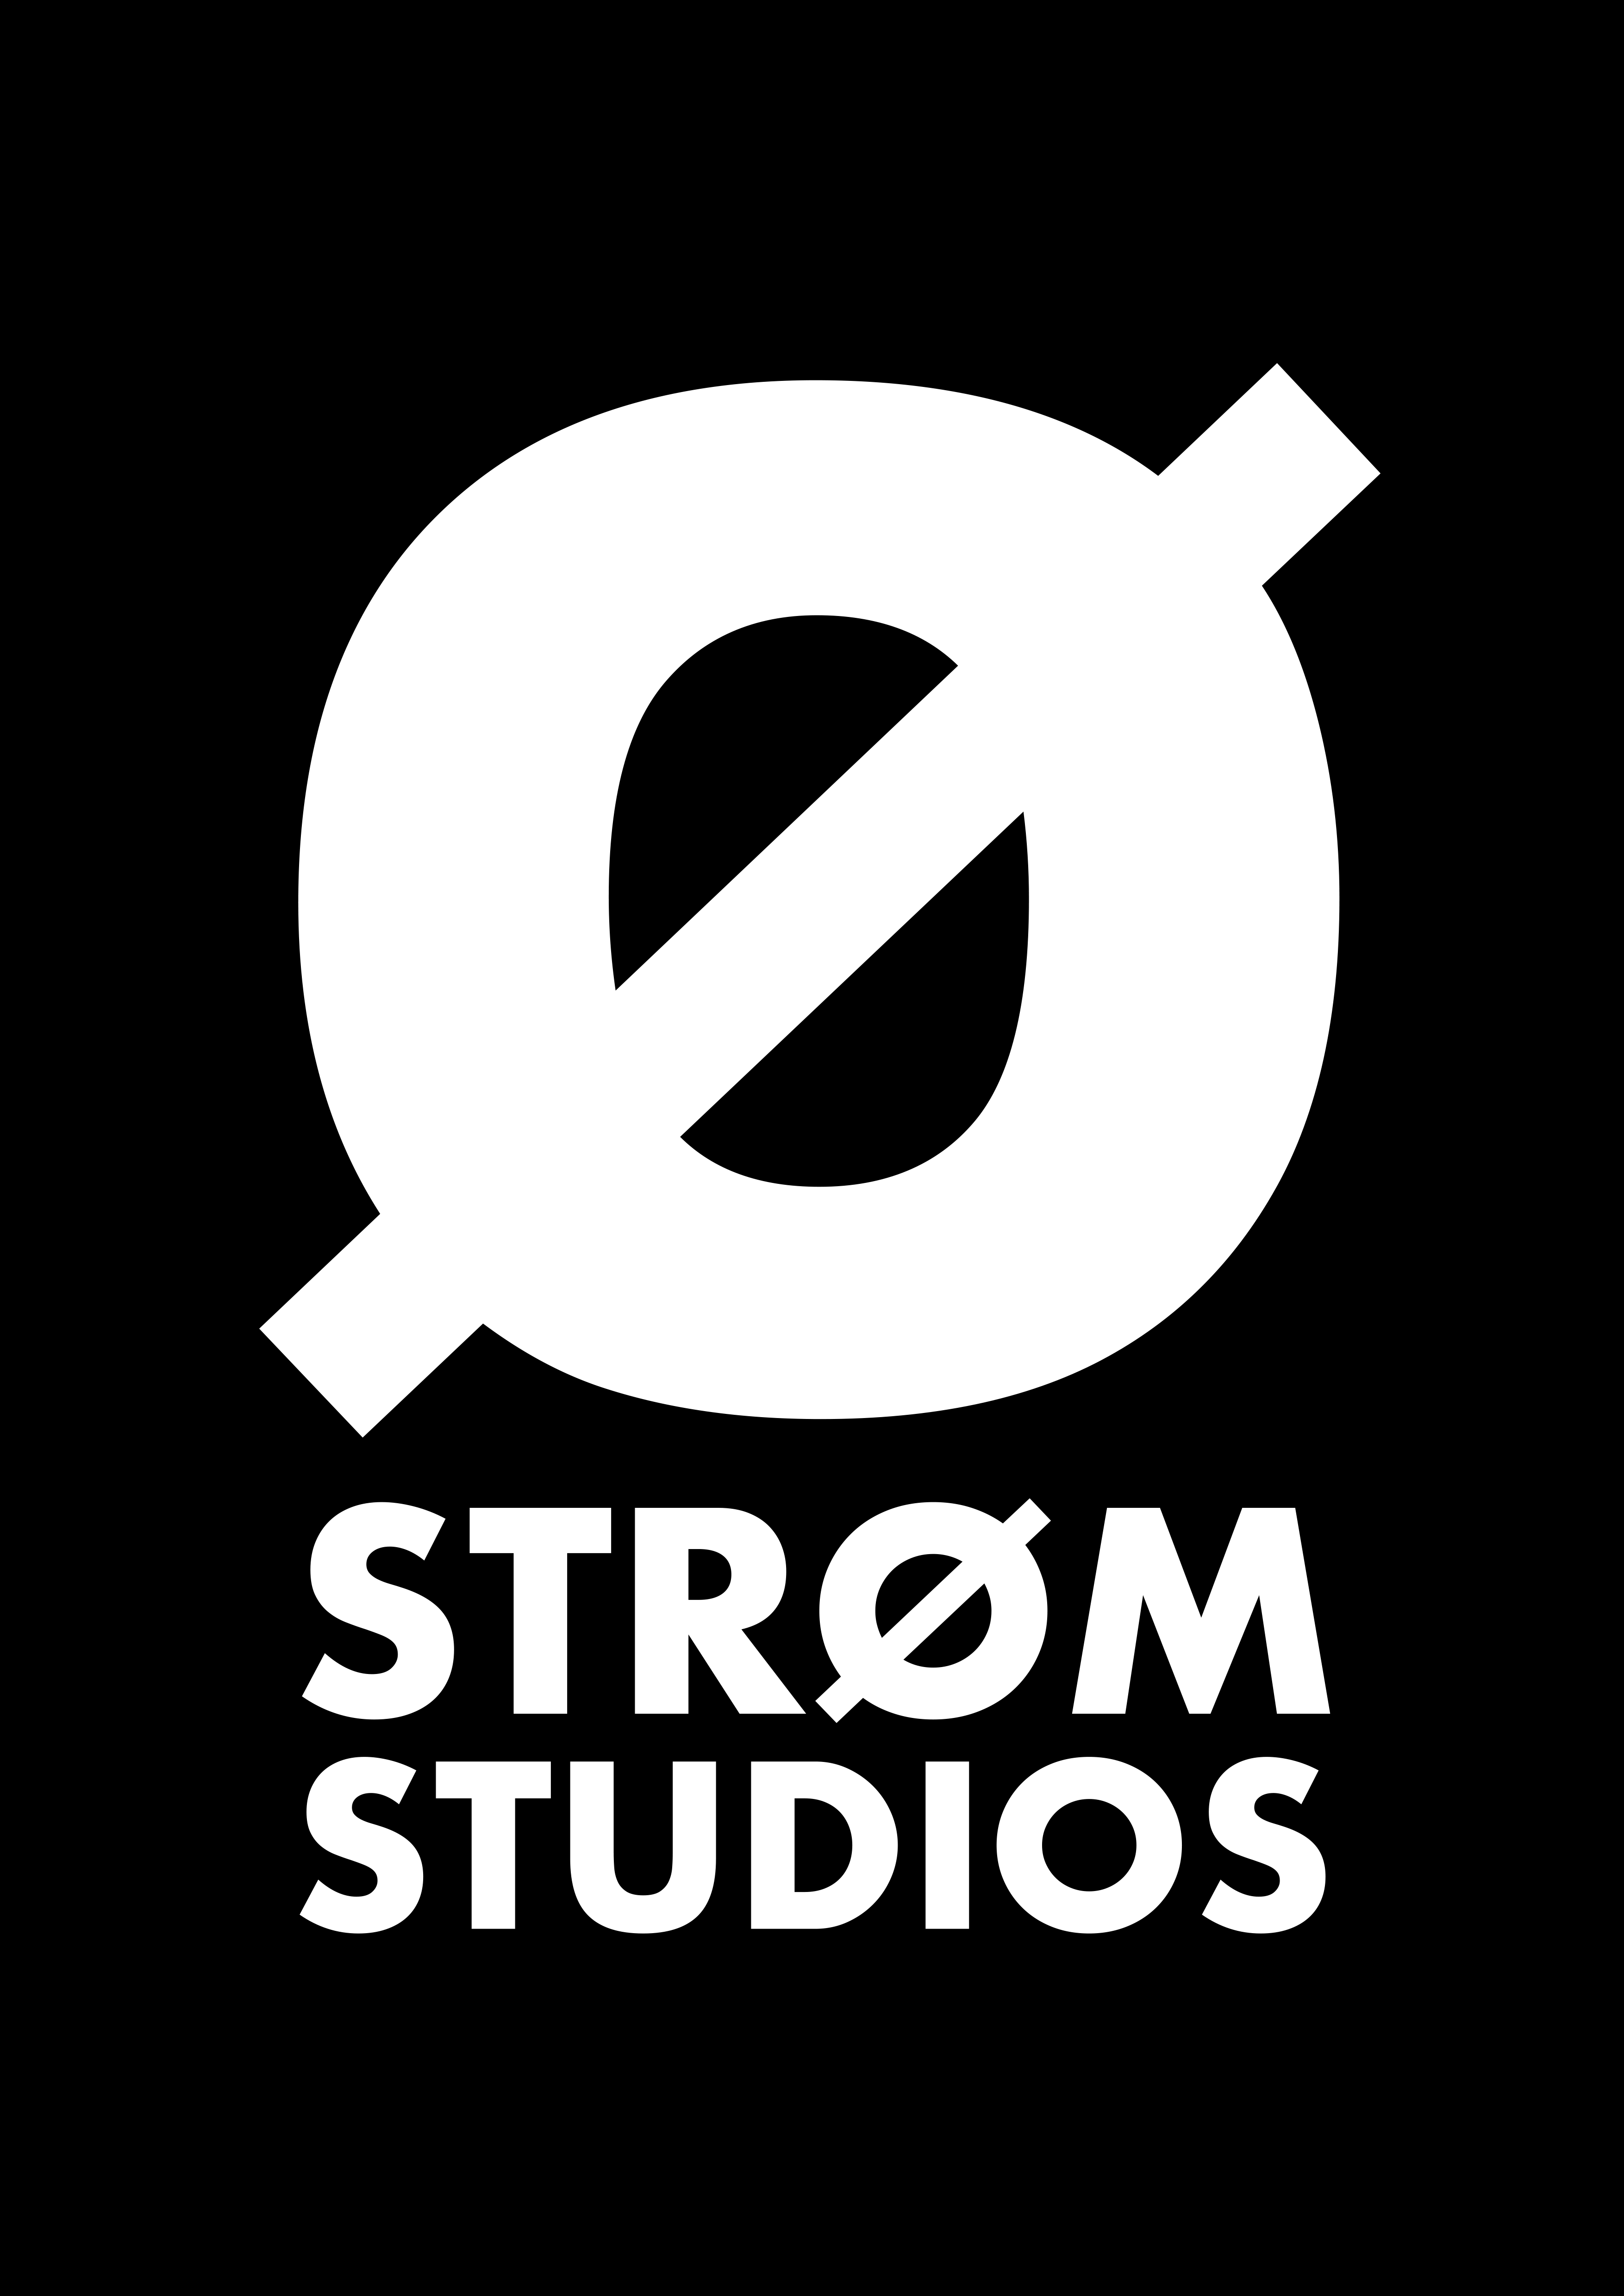 strømstudios logo